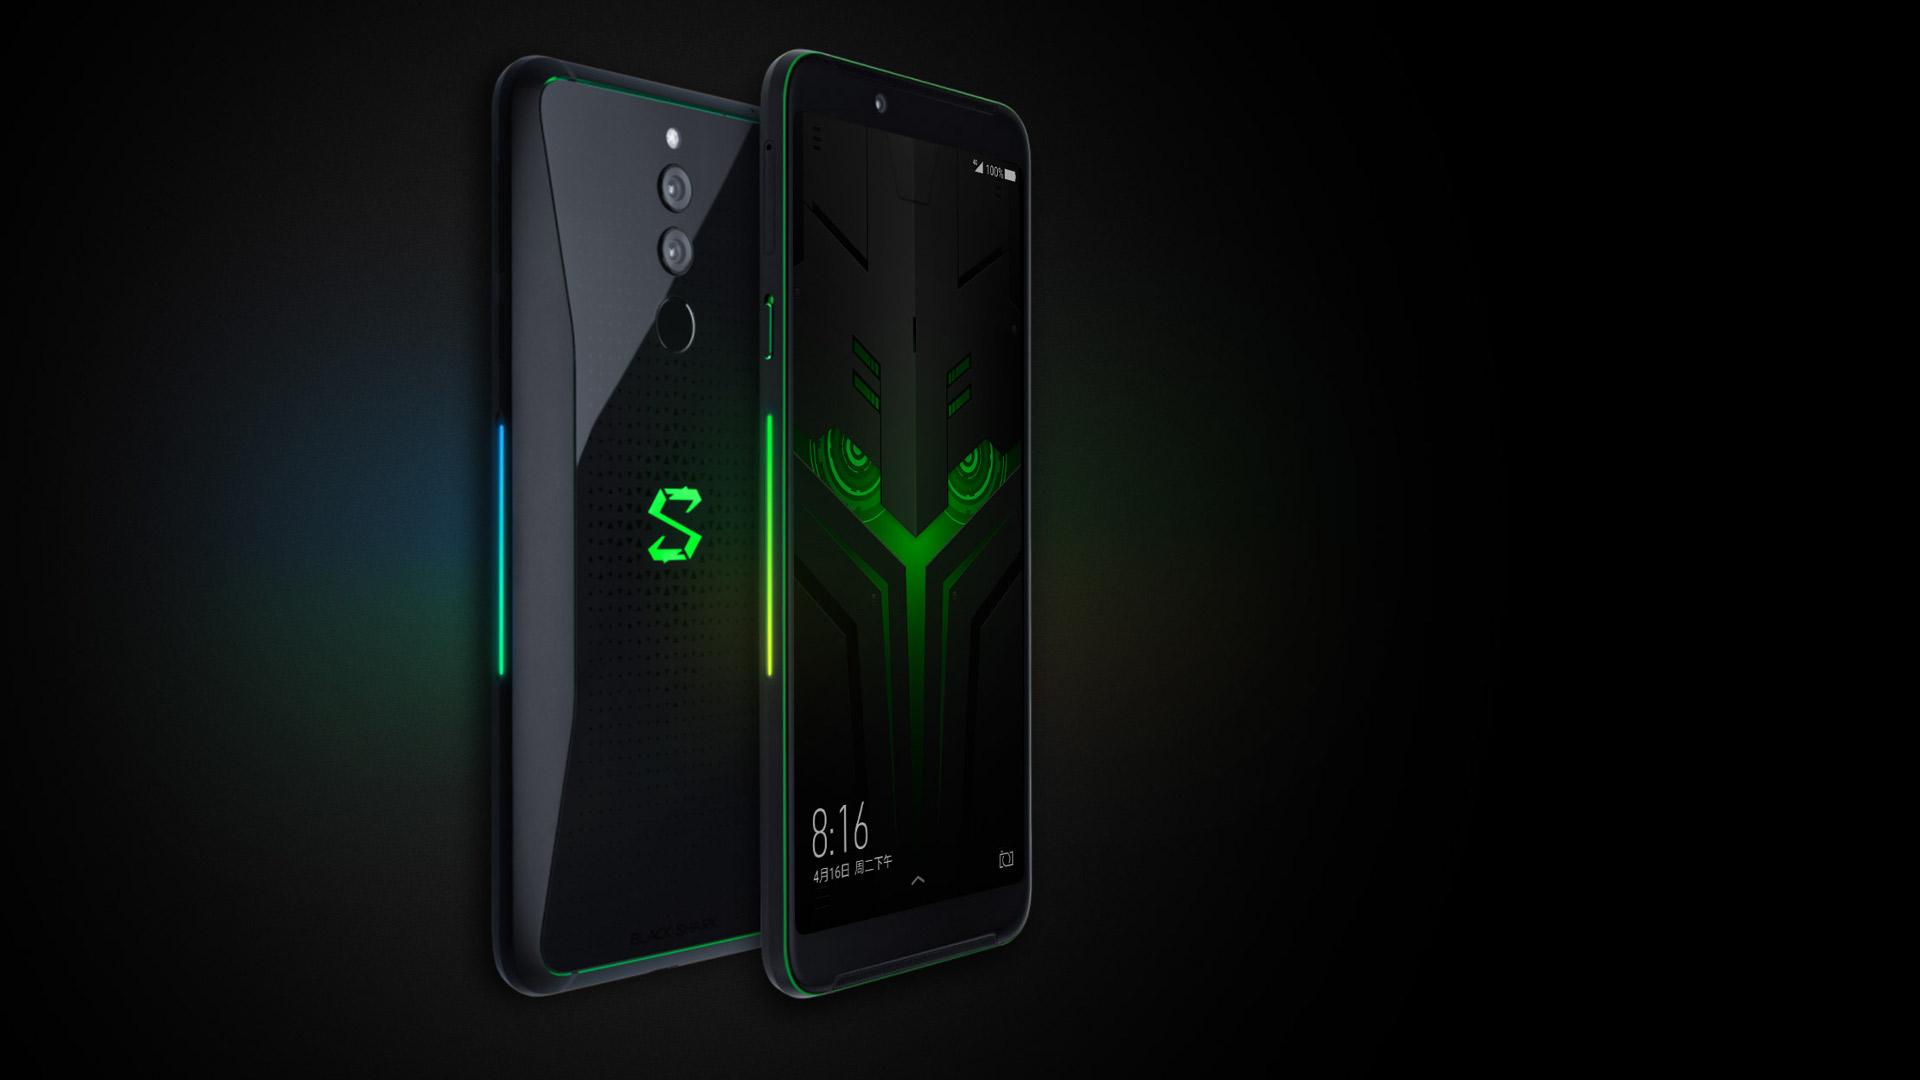 تقارير جديدة تكشف عن بعض مواصفات هاتف الألعاب القادم Xiaomi Black Shark 2